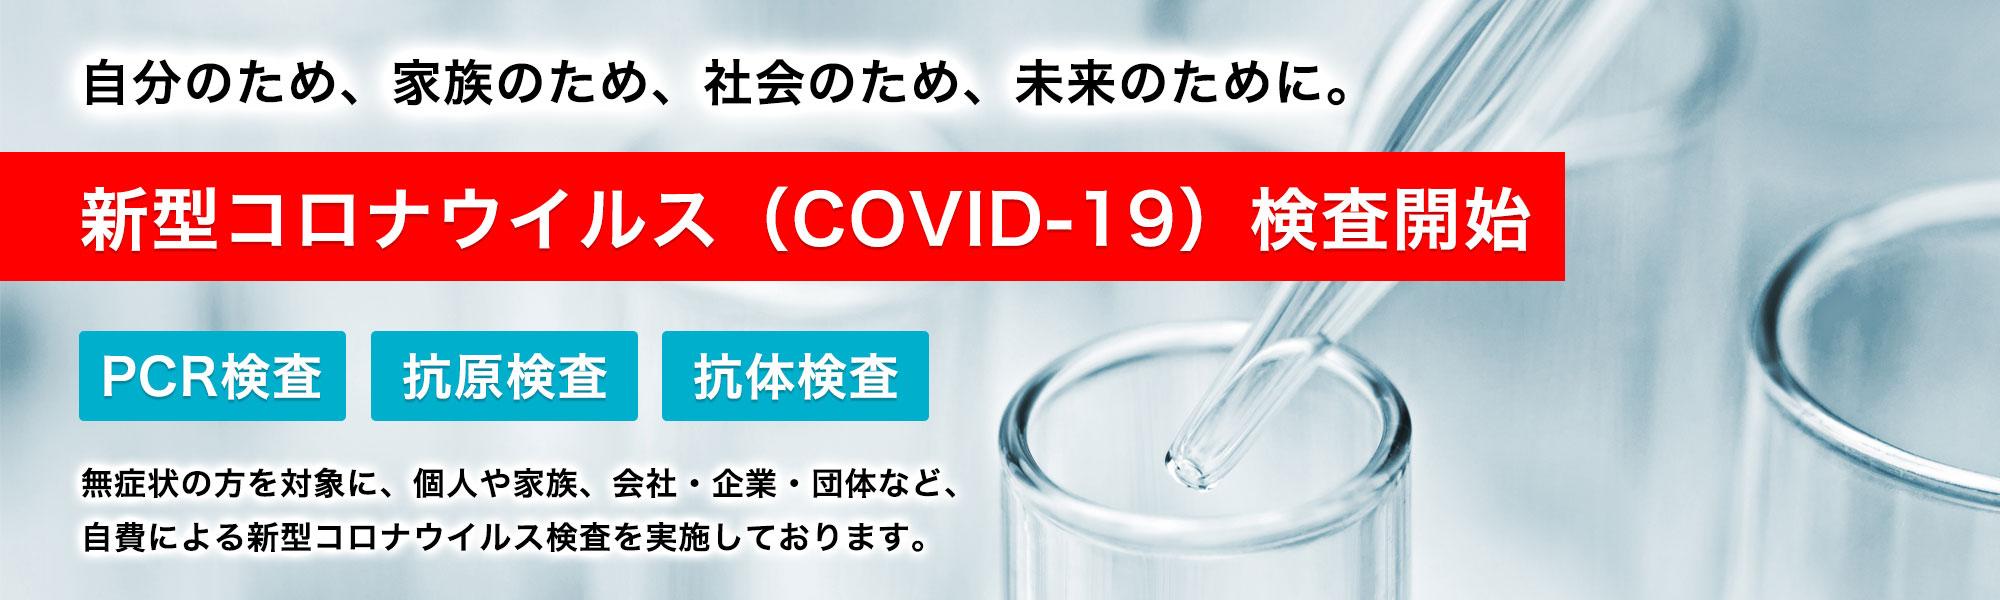 コロナウイルス検査